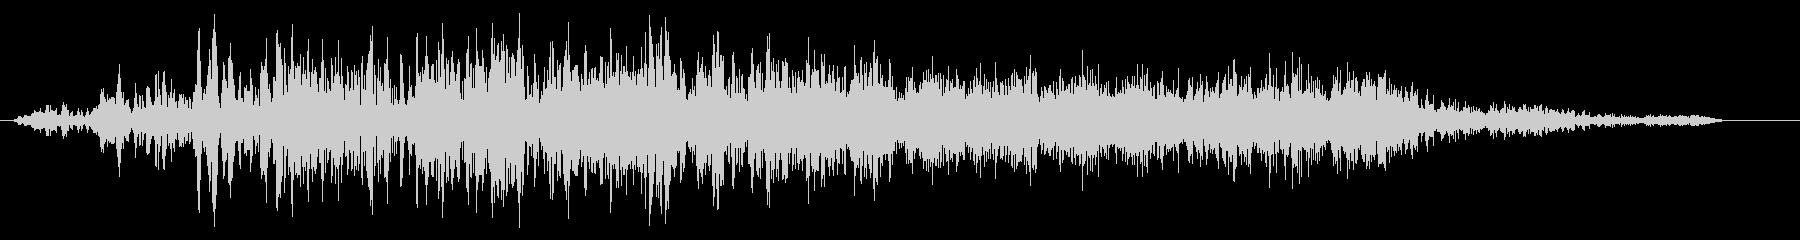 ビュイーン(ワープやスタートの効果音)の未再生の波形